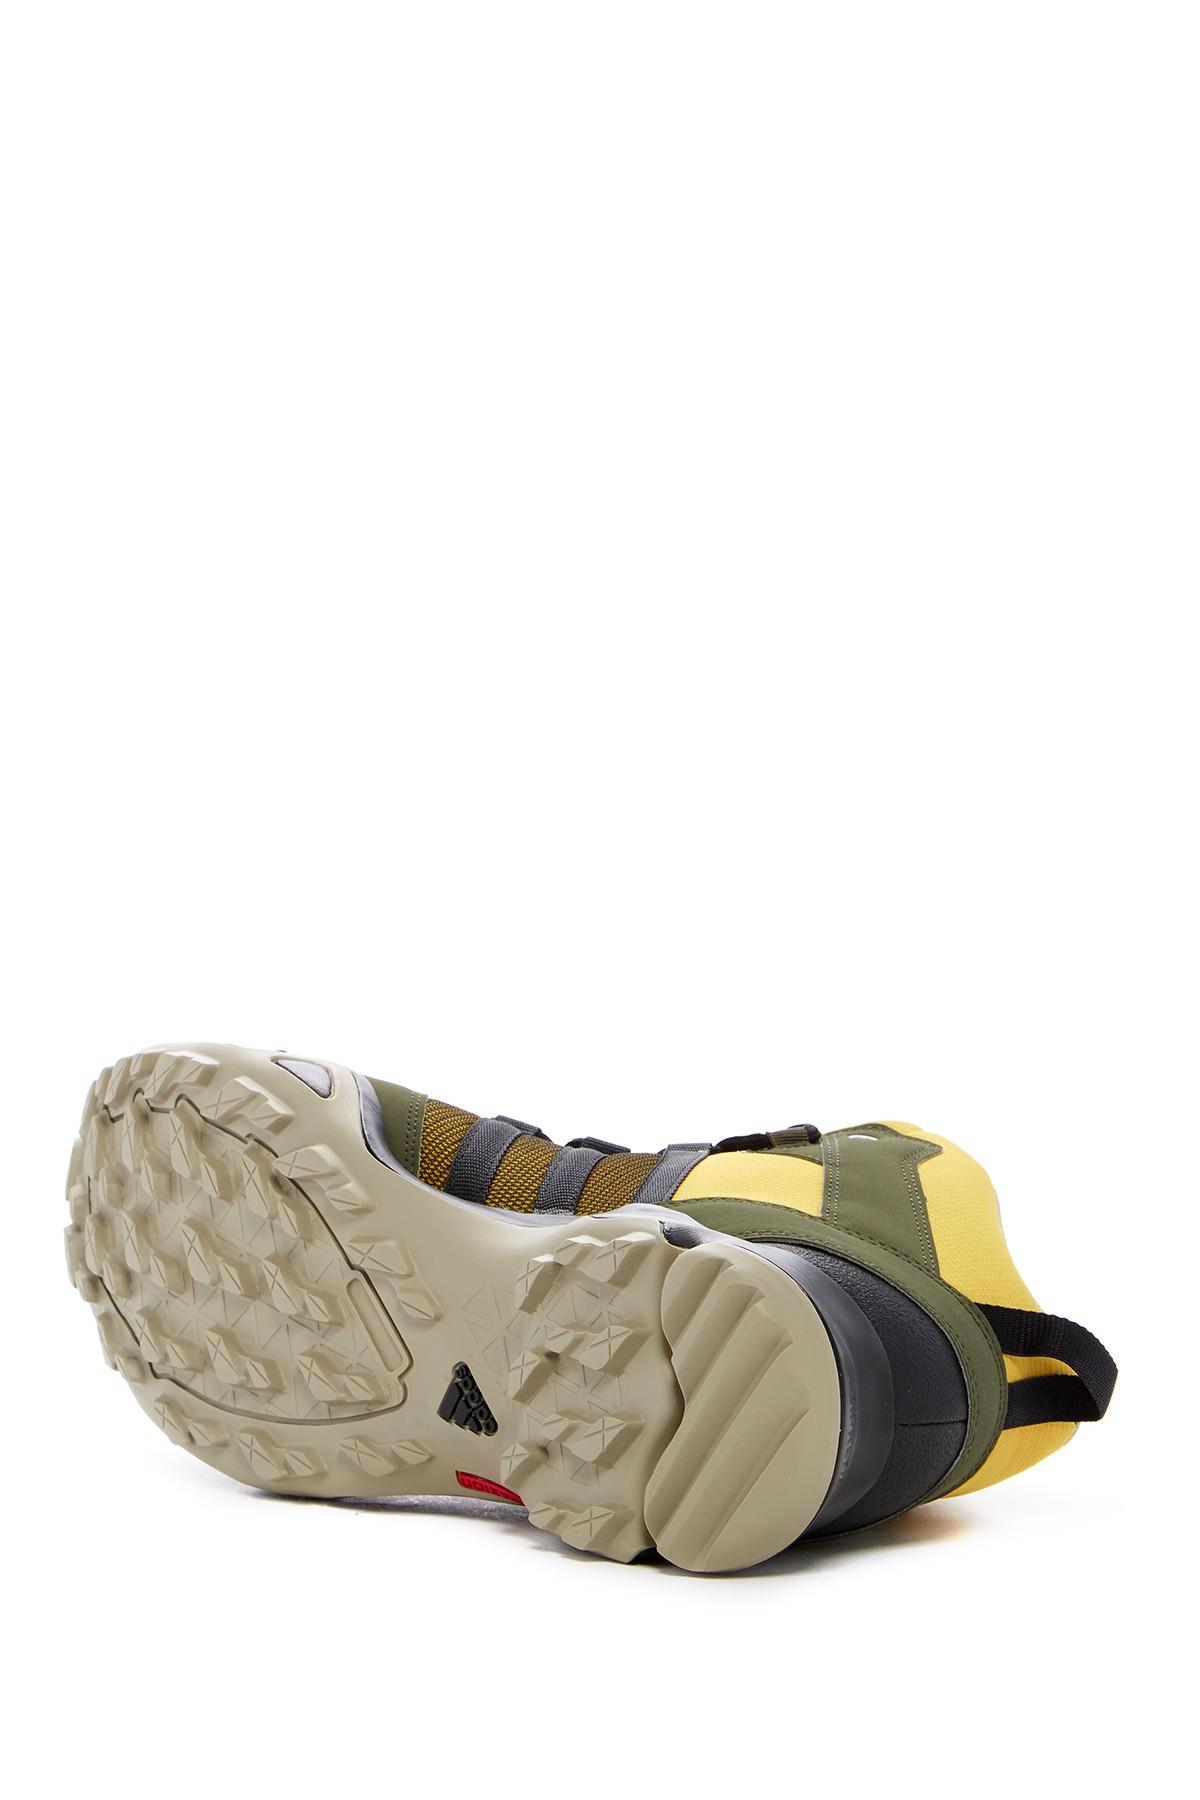 Lyst Zapatillas Mid Adidas Originals Gtx Ax2 Gtx Mid Outdoor en Outdoor negro para hombre ae48f25 - omkostningertil.website